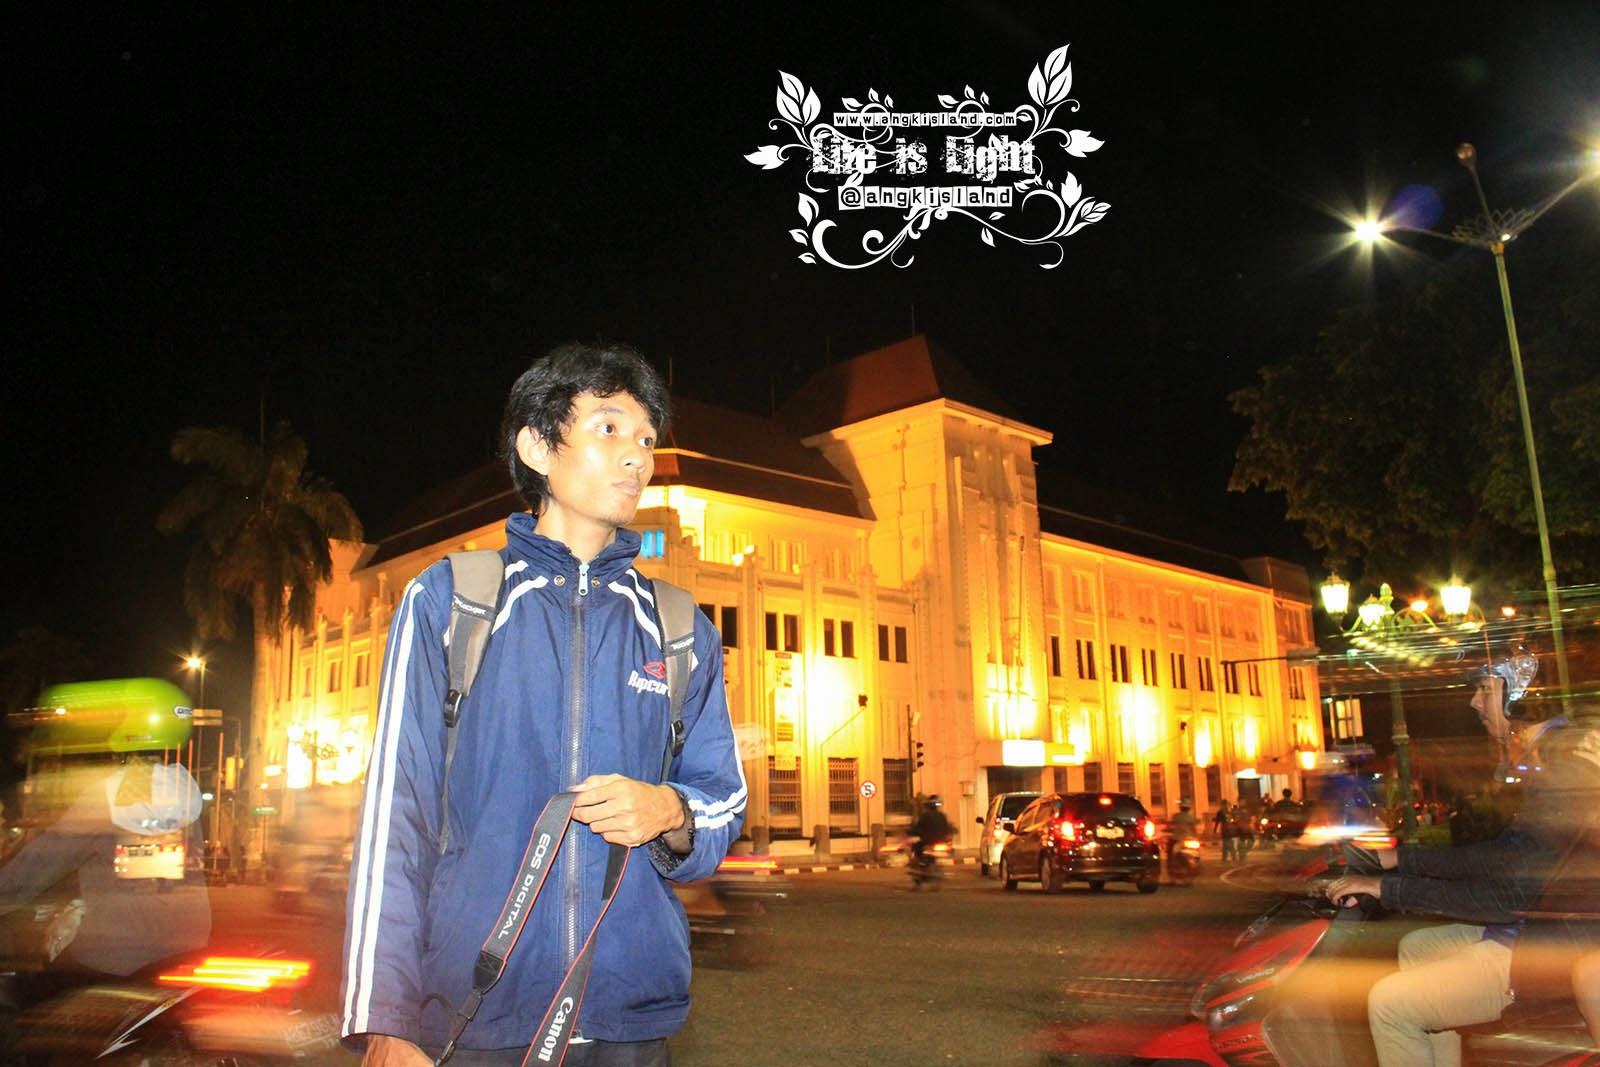 fotografer Jogja angki